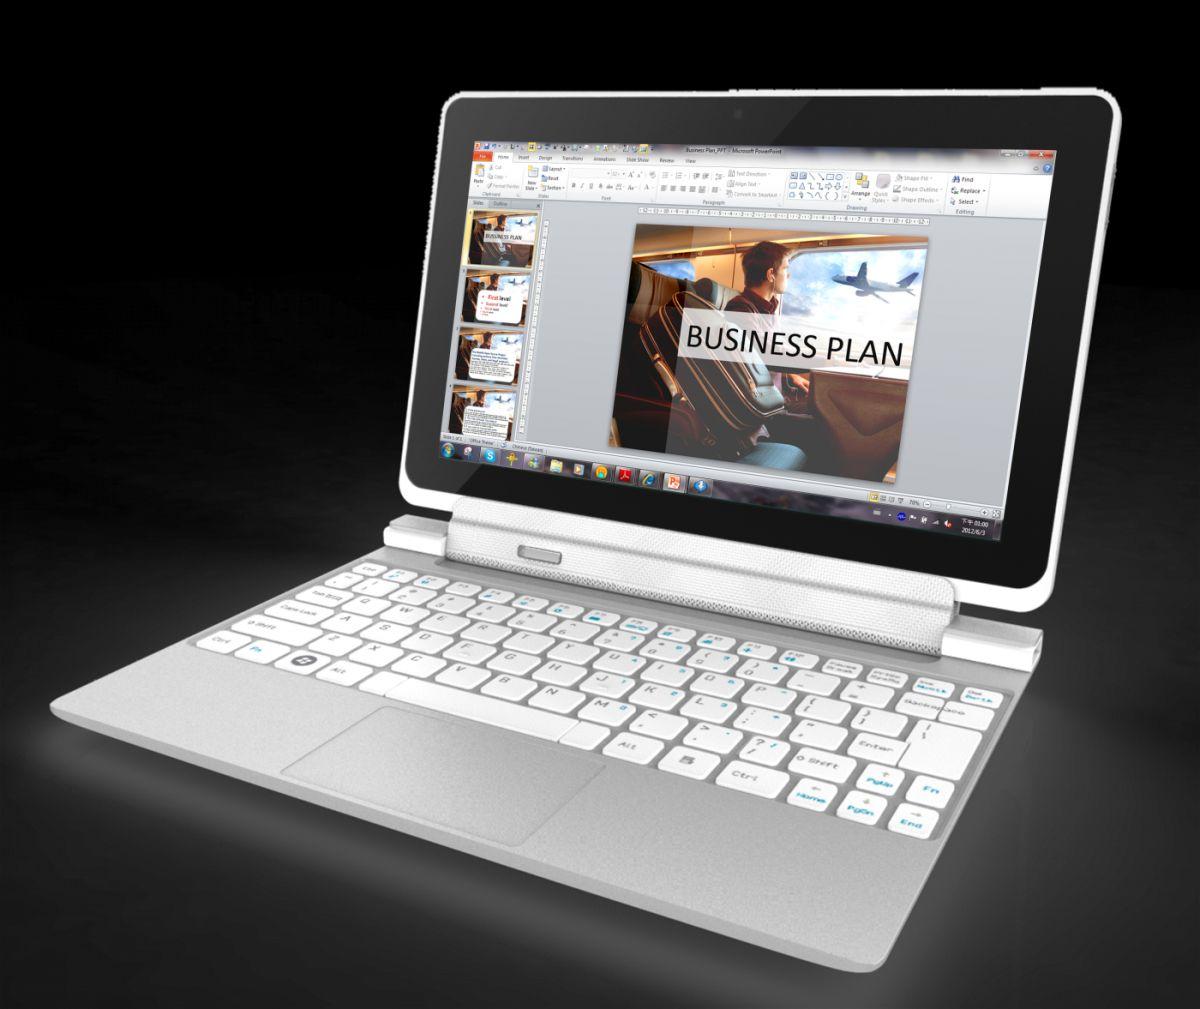 Acer Iconia W510 mit Tastatur-Dock